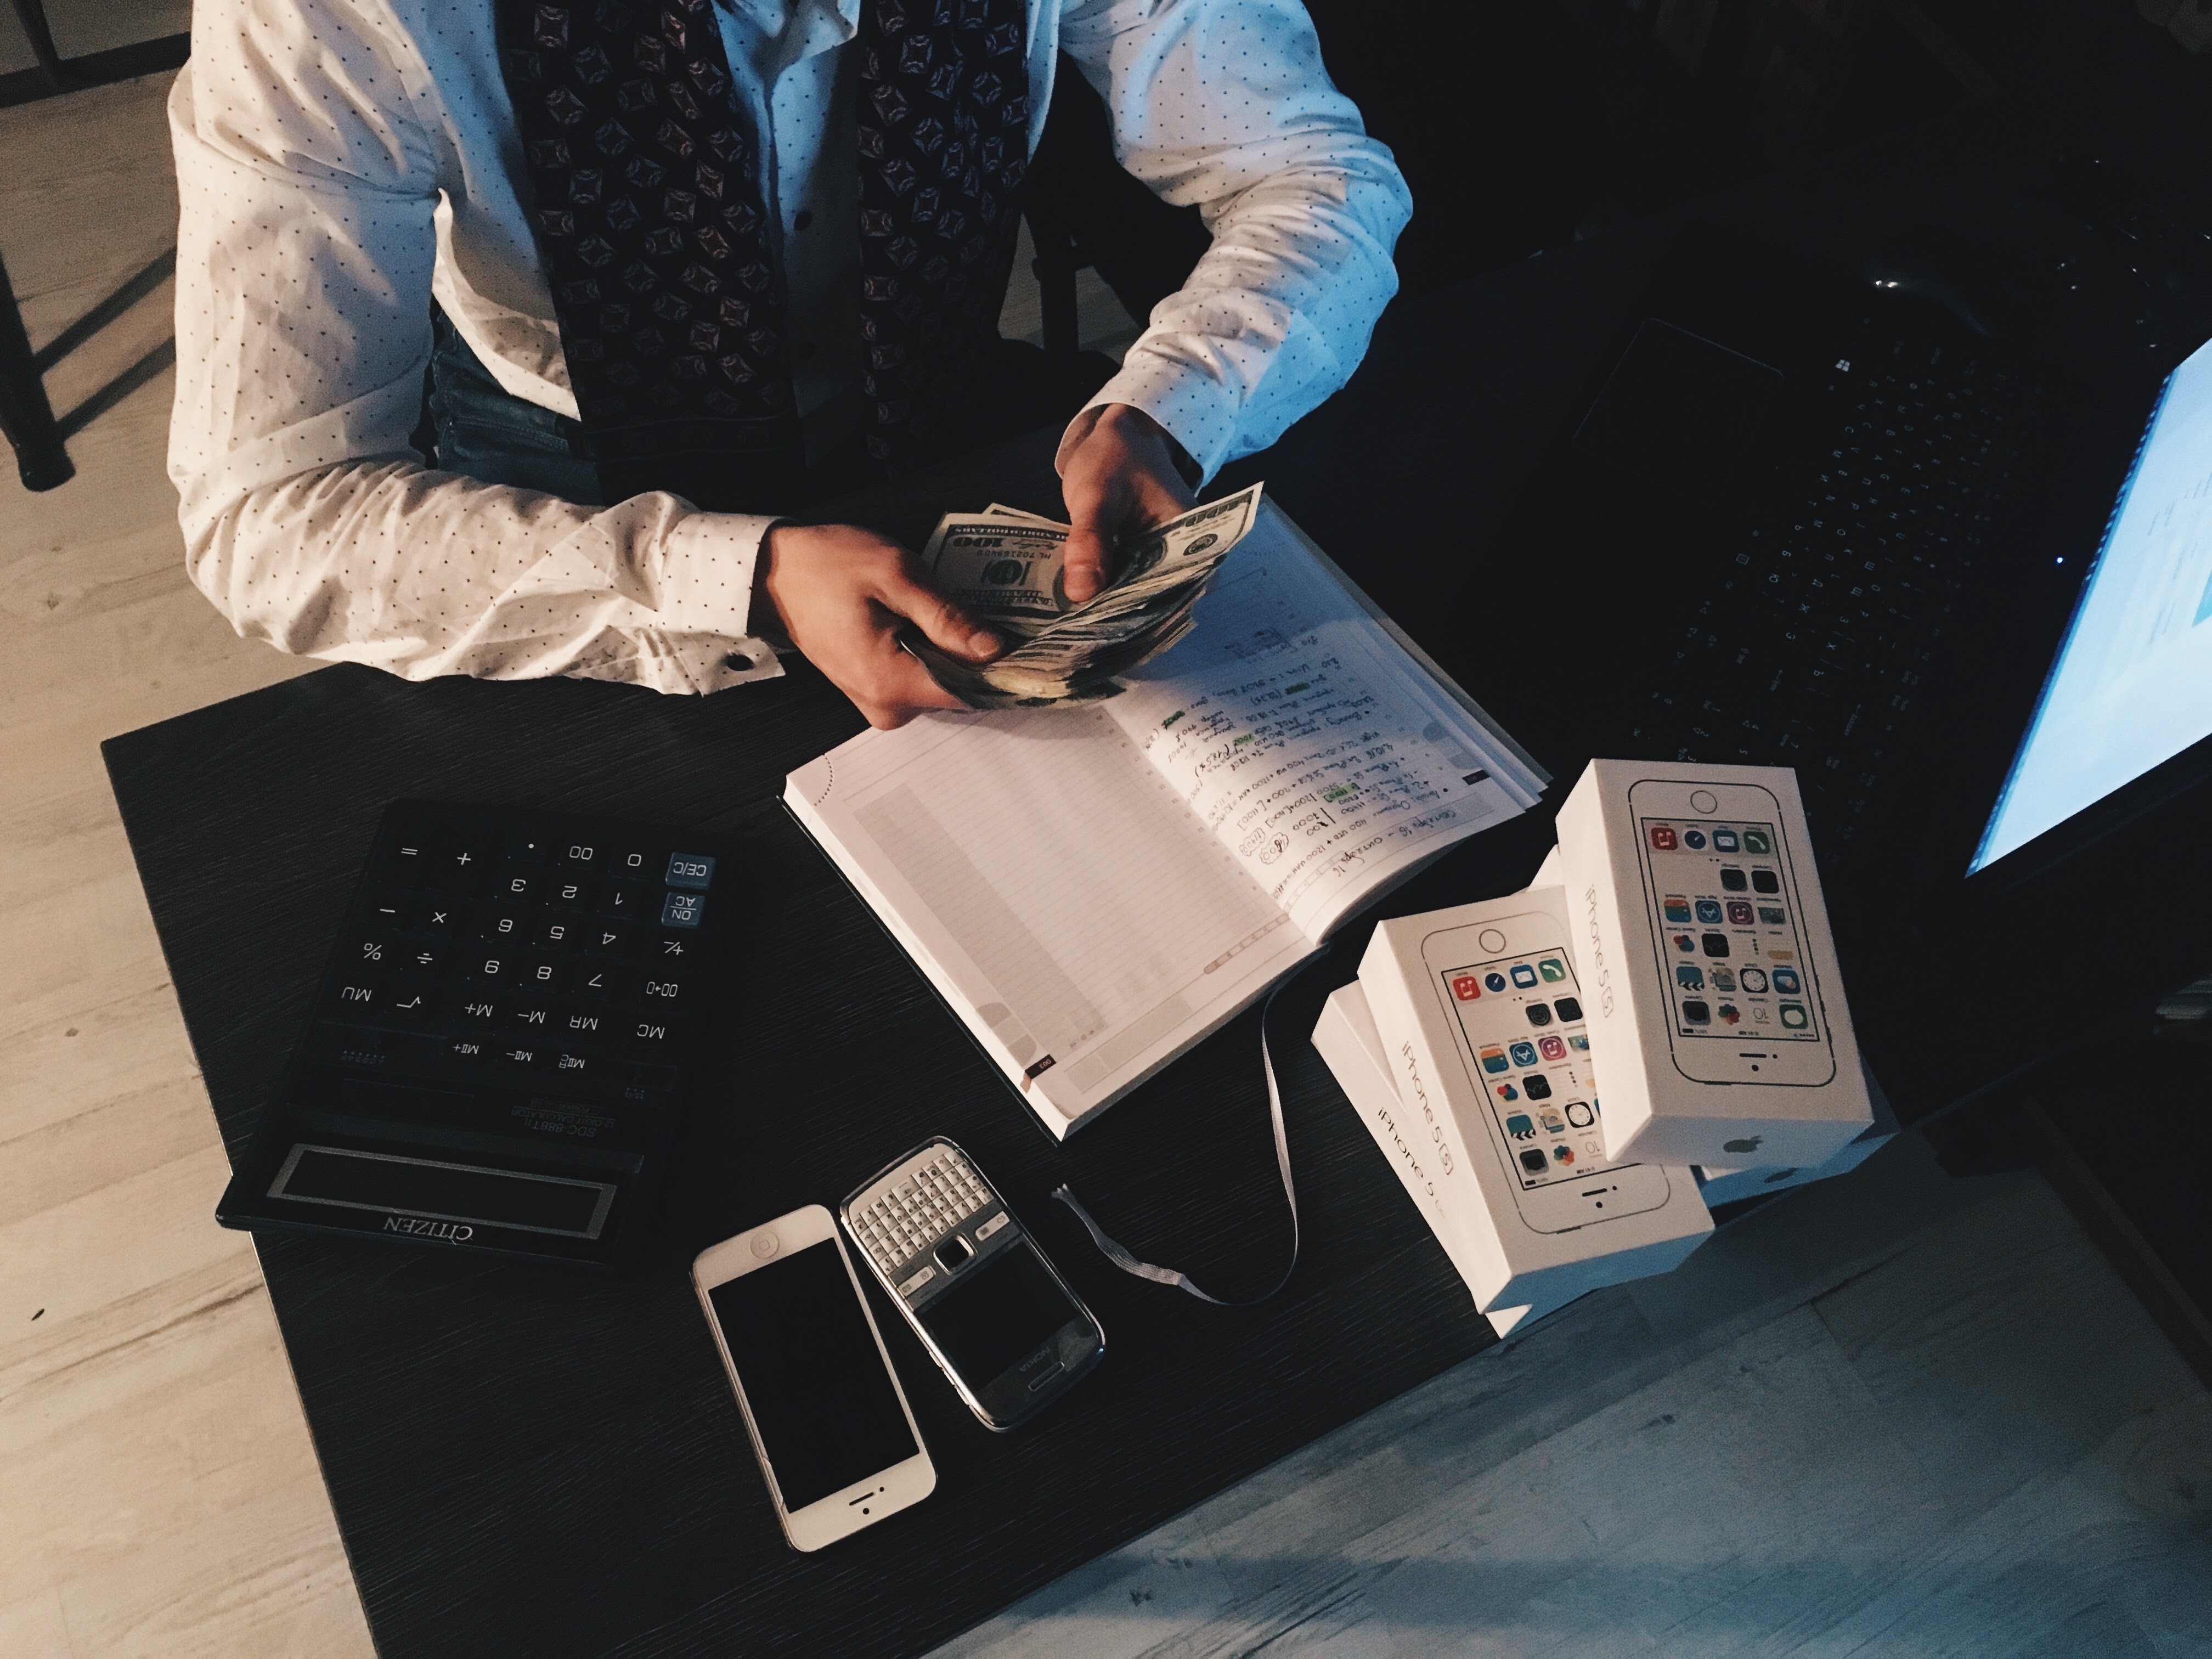 Comment financer la reprise d'une entreprise ?